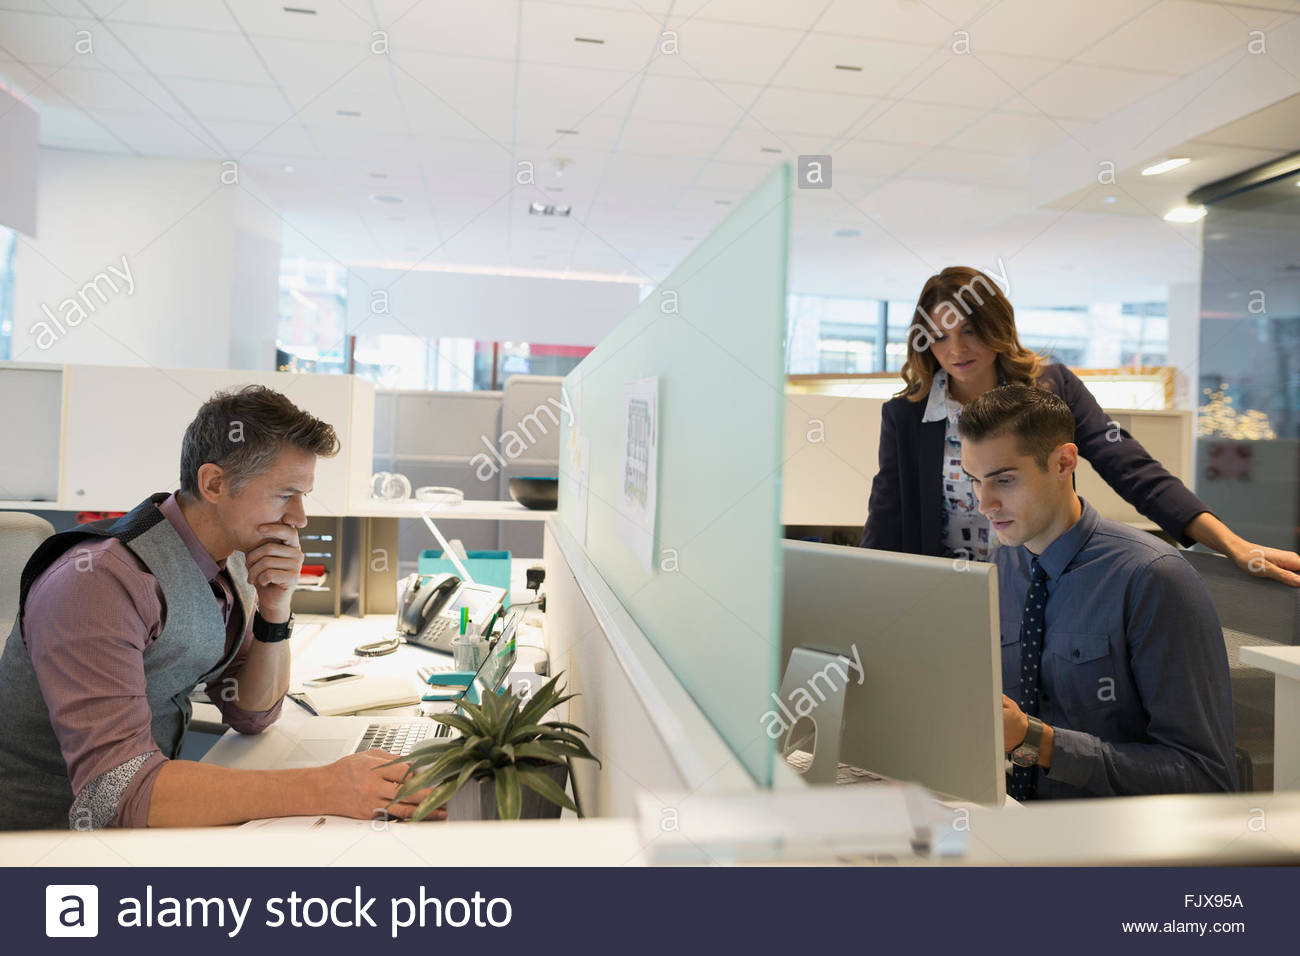 Las personas de negocios que trabajan en cubículos de oficina Imagen De Stock